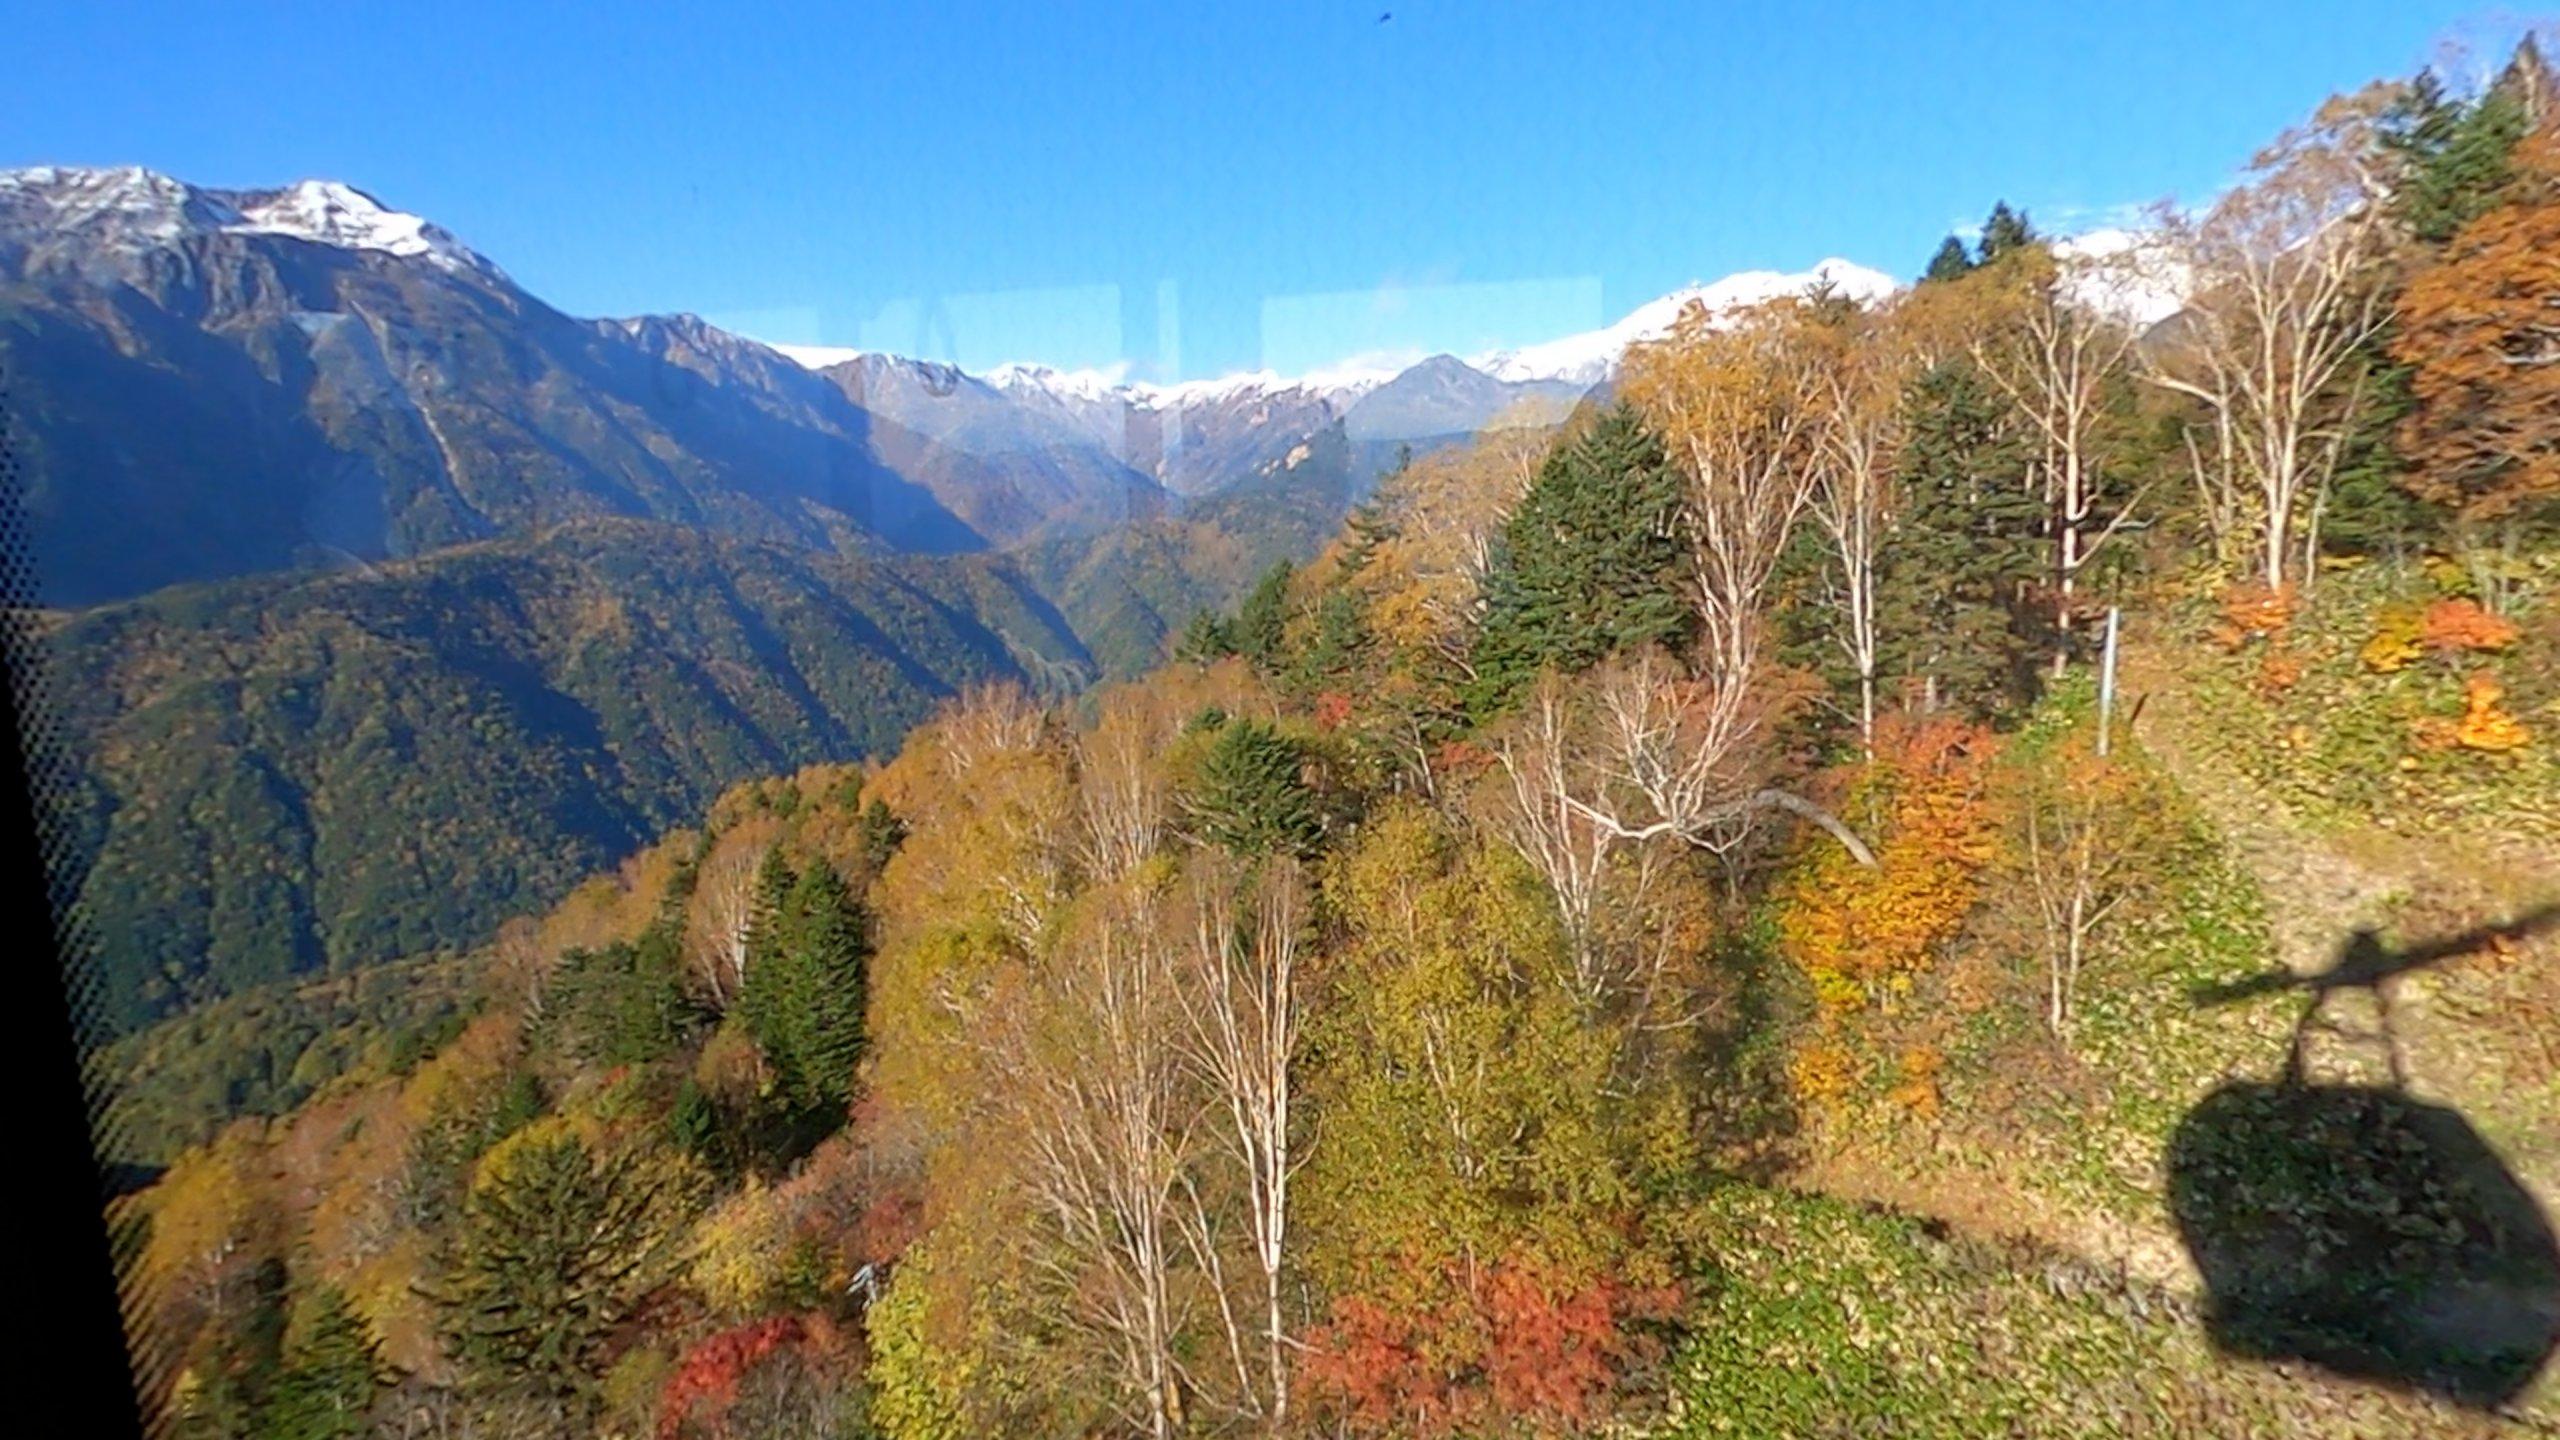 向かいに見える笠ヶ岳は山小屋もテント場もないので 日帰りするしかない